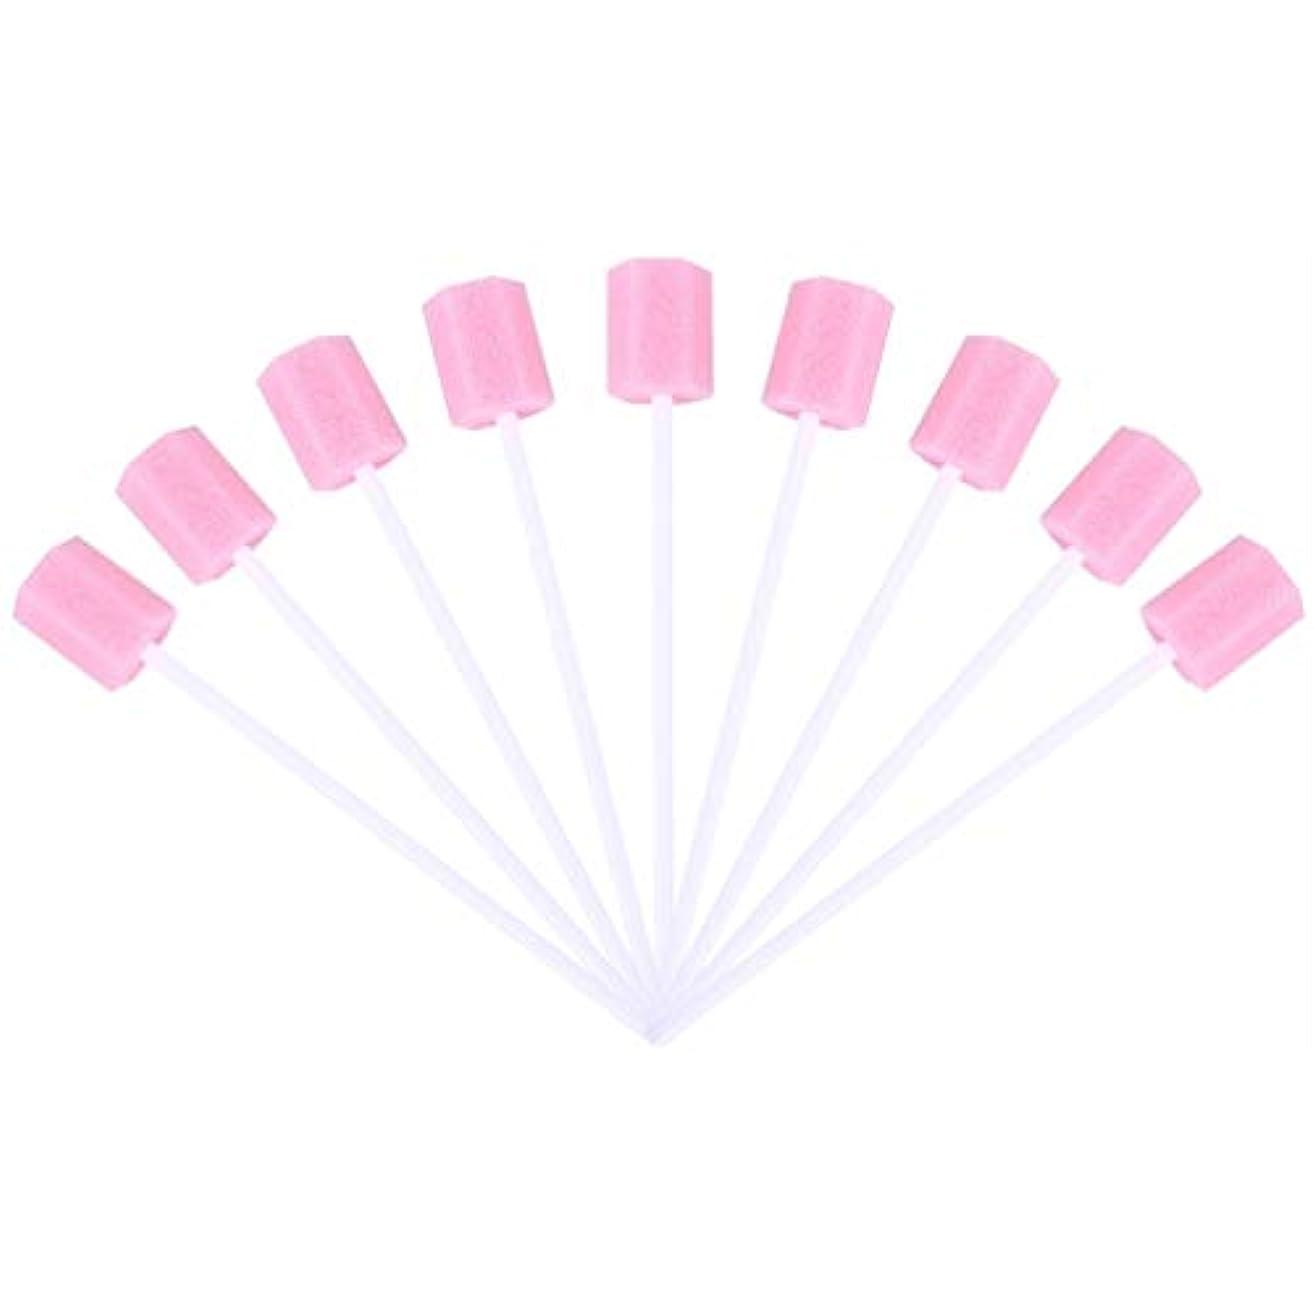 フィッティングルネッサンスシルクSUPVOX 30ピーススポンジ綿棒使い捨て医療スポンジスティック歯口洗浄口腔ケアツール(ピンク)